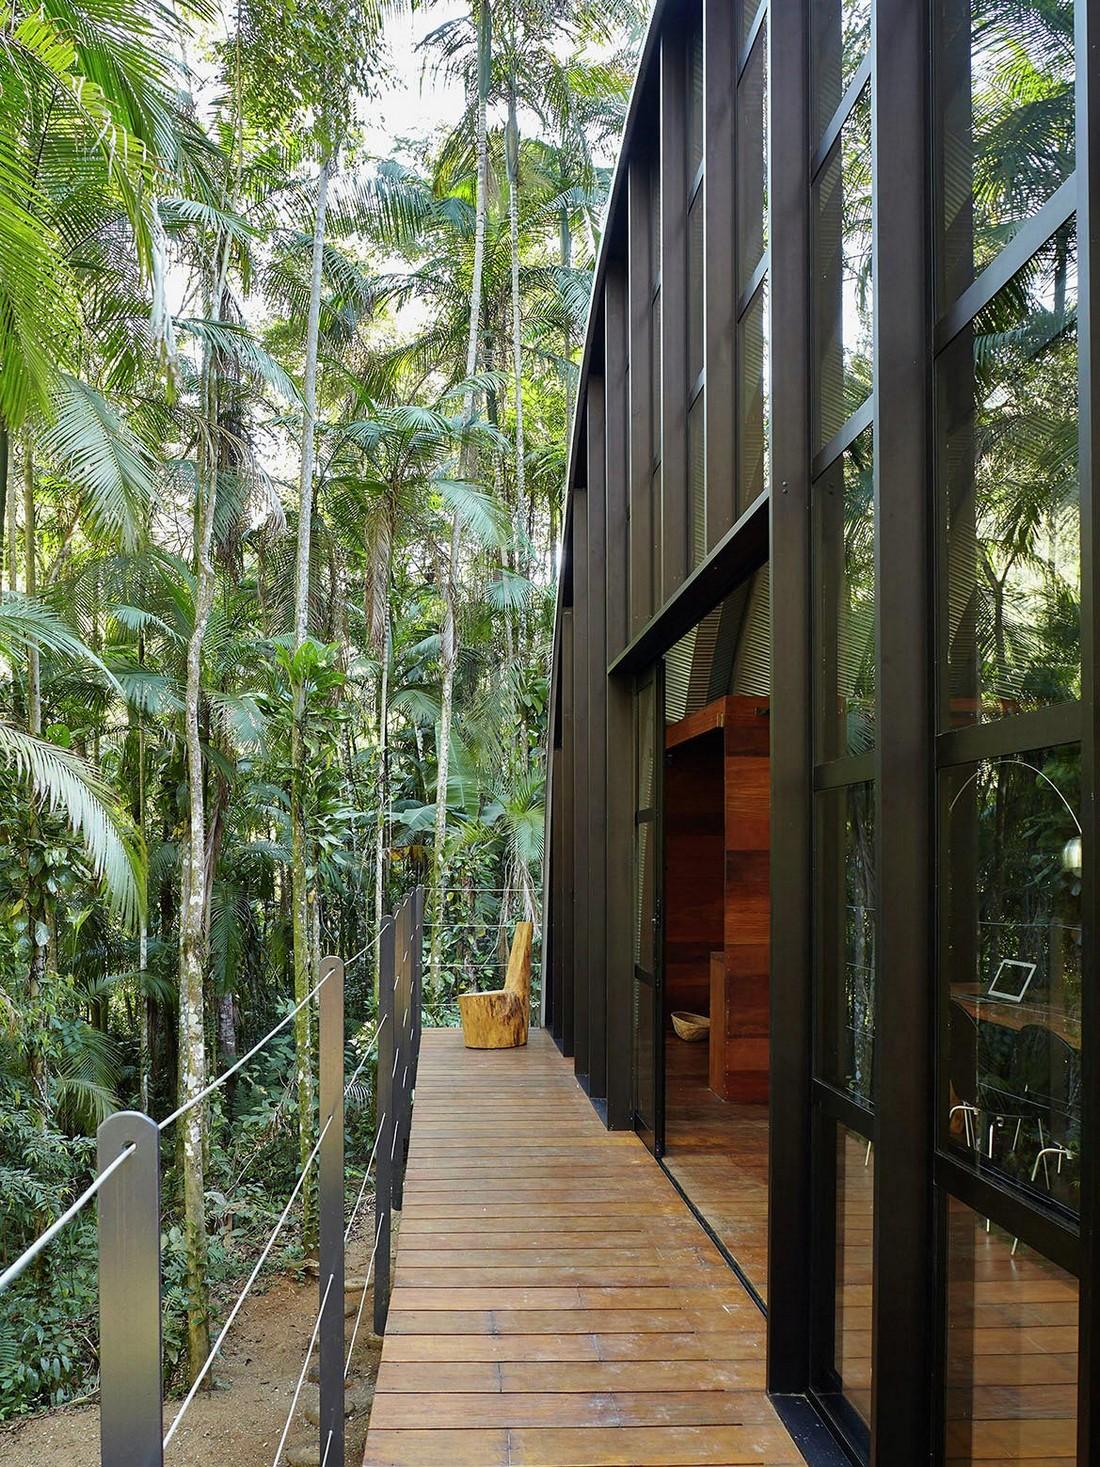 Модульный арочный дом в тропическом лесу Бразилии